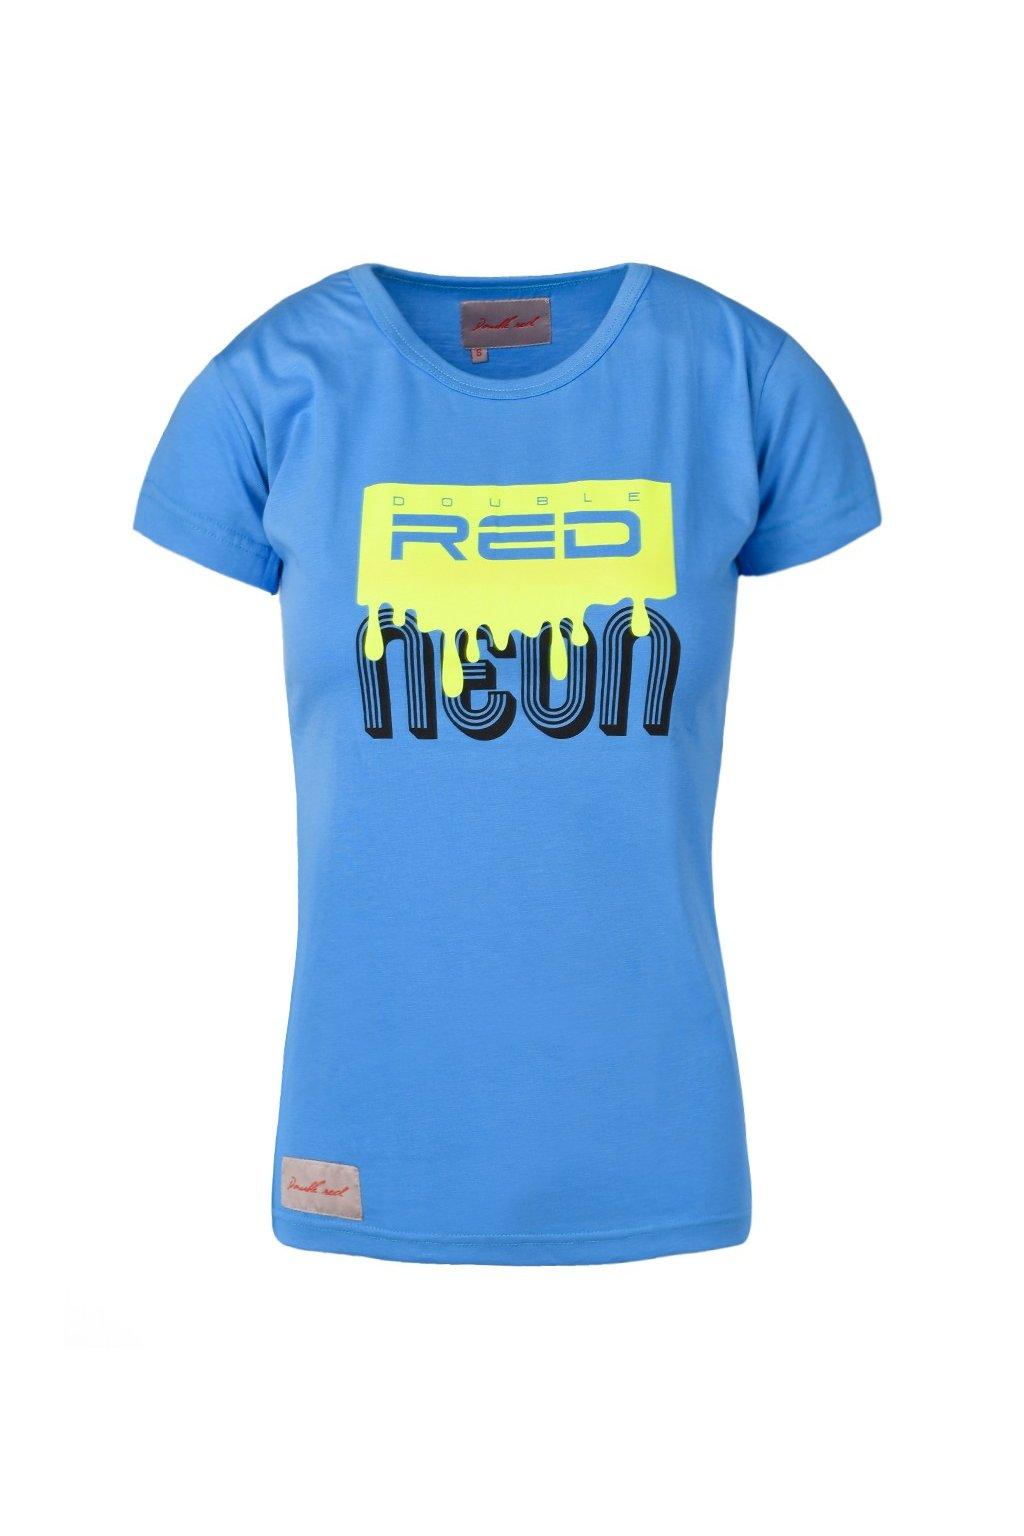 Dámské triko DOUBLE RED NEON BLUE obr1